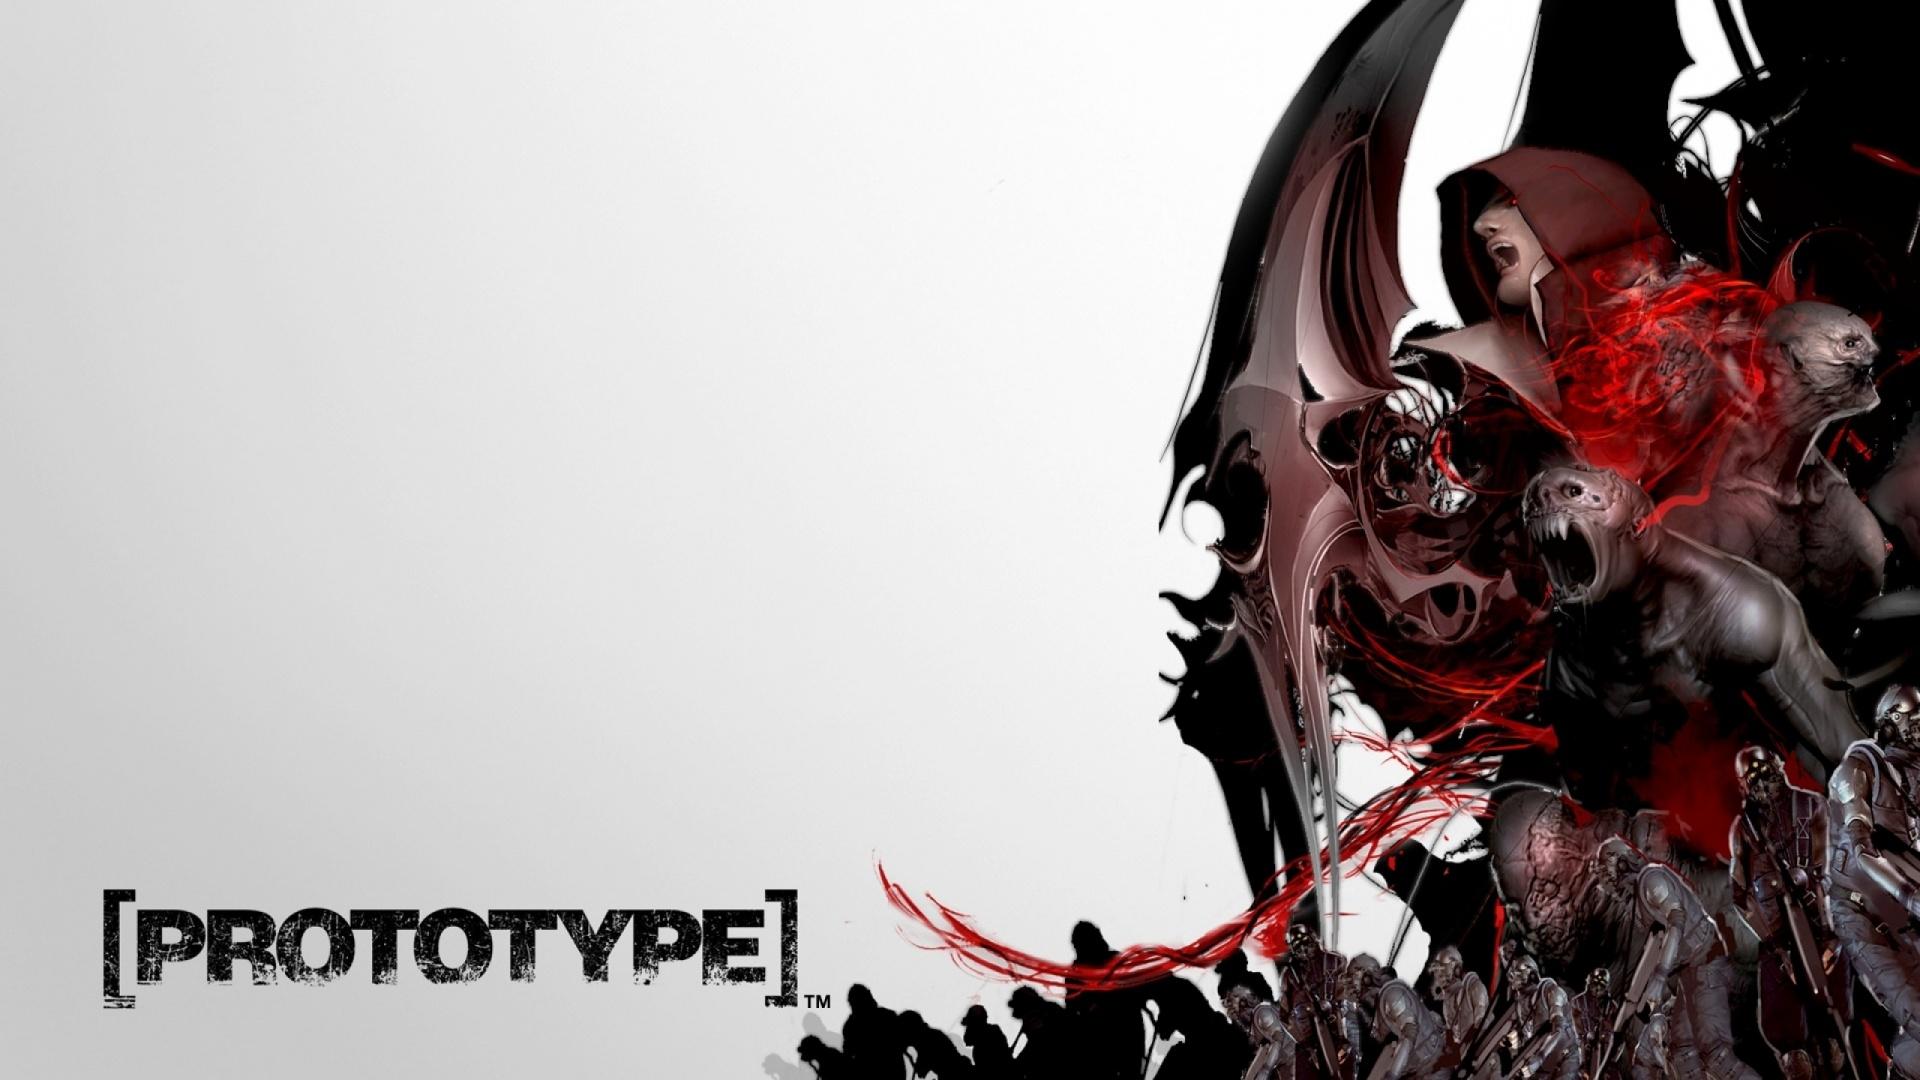 prototype 1 torrent download pc